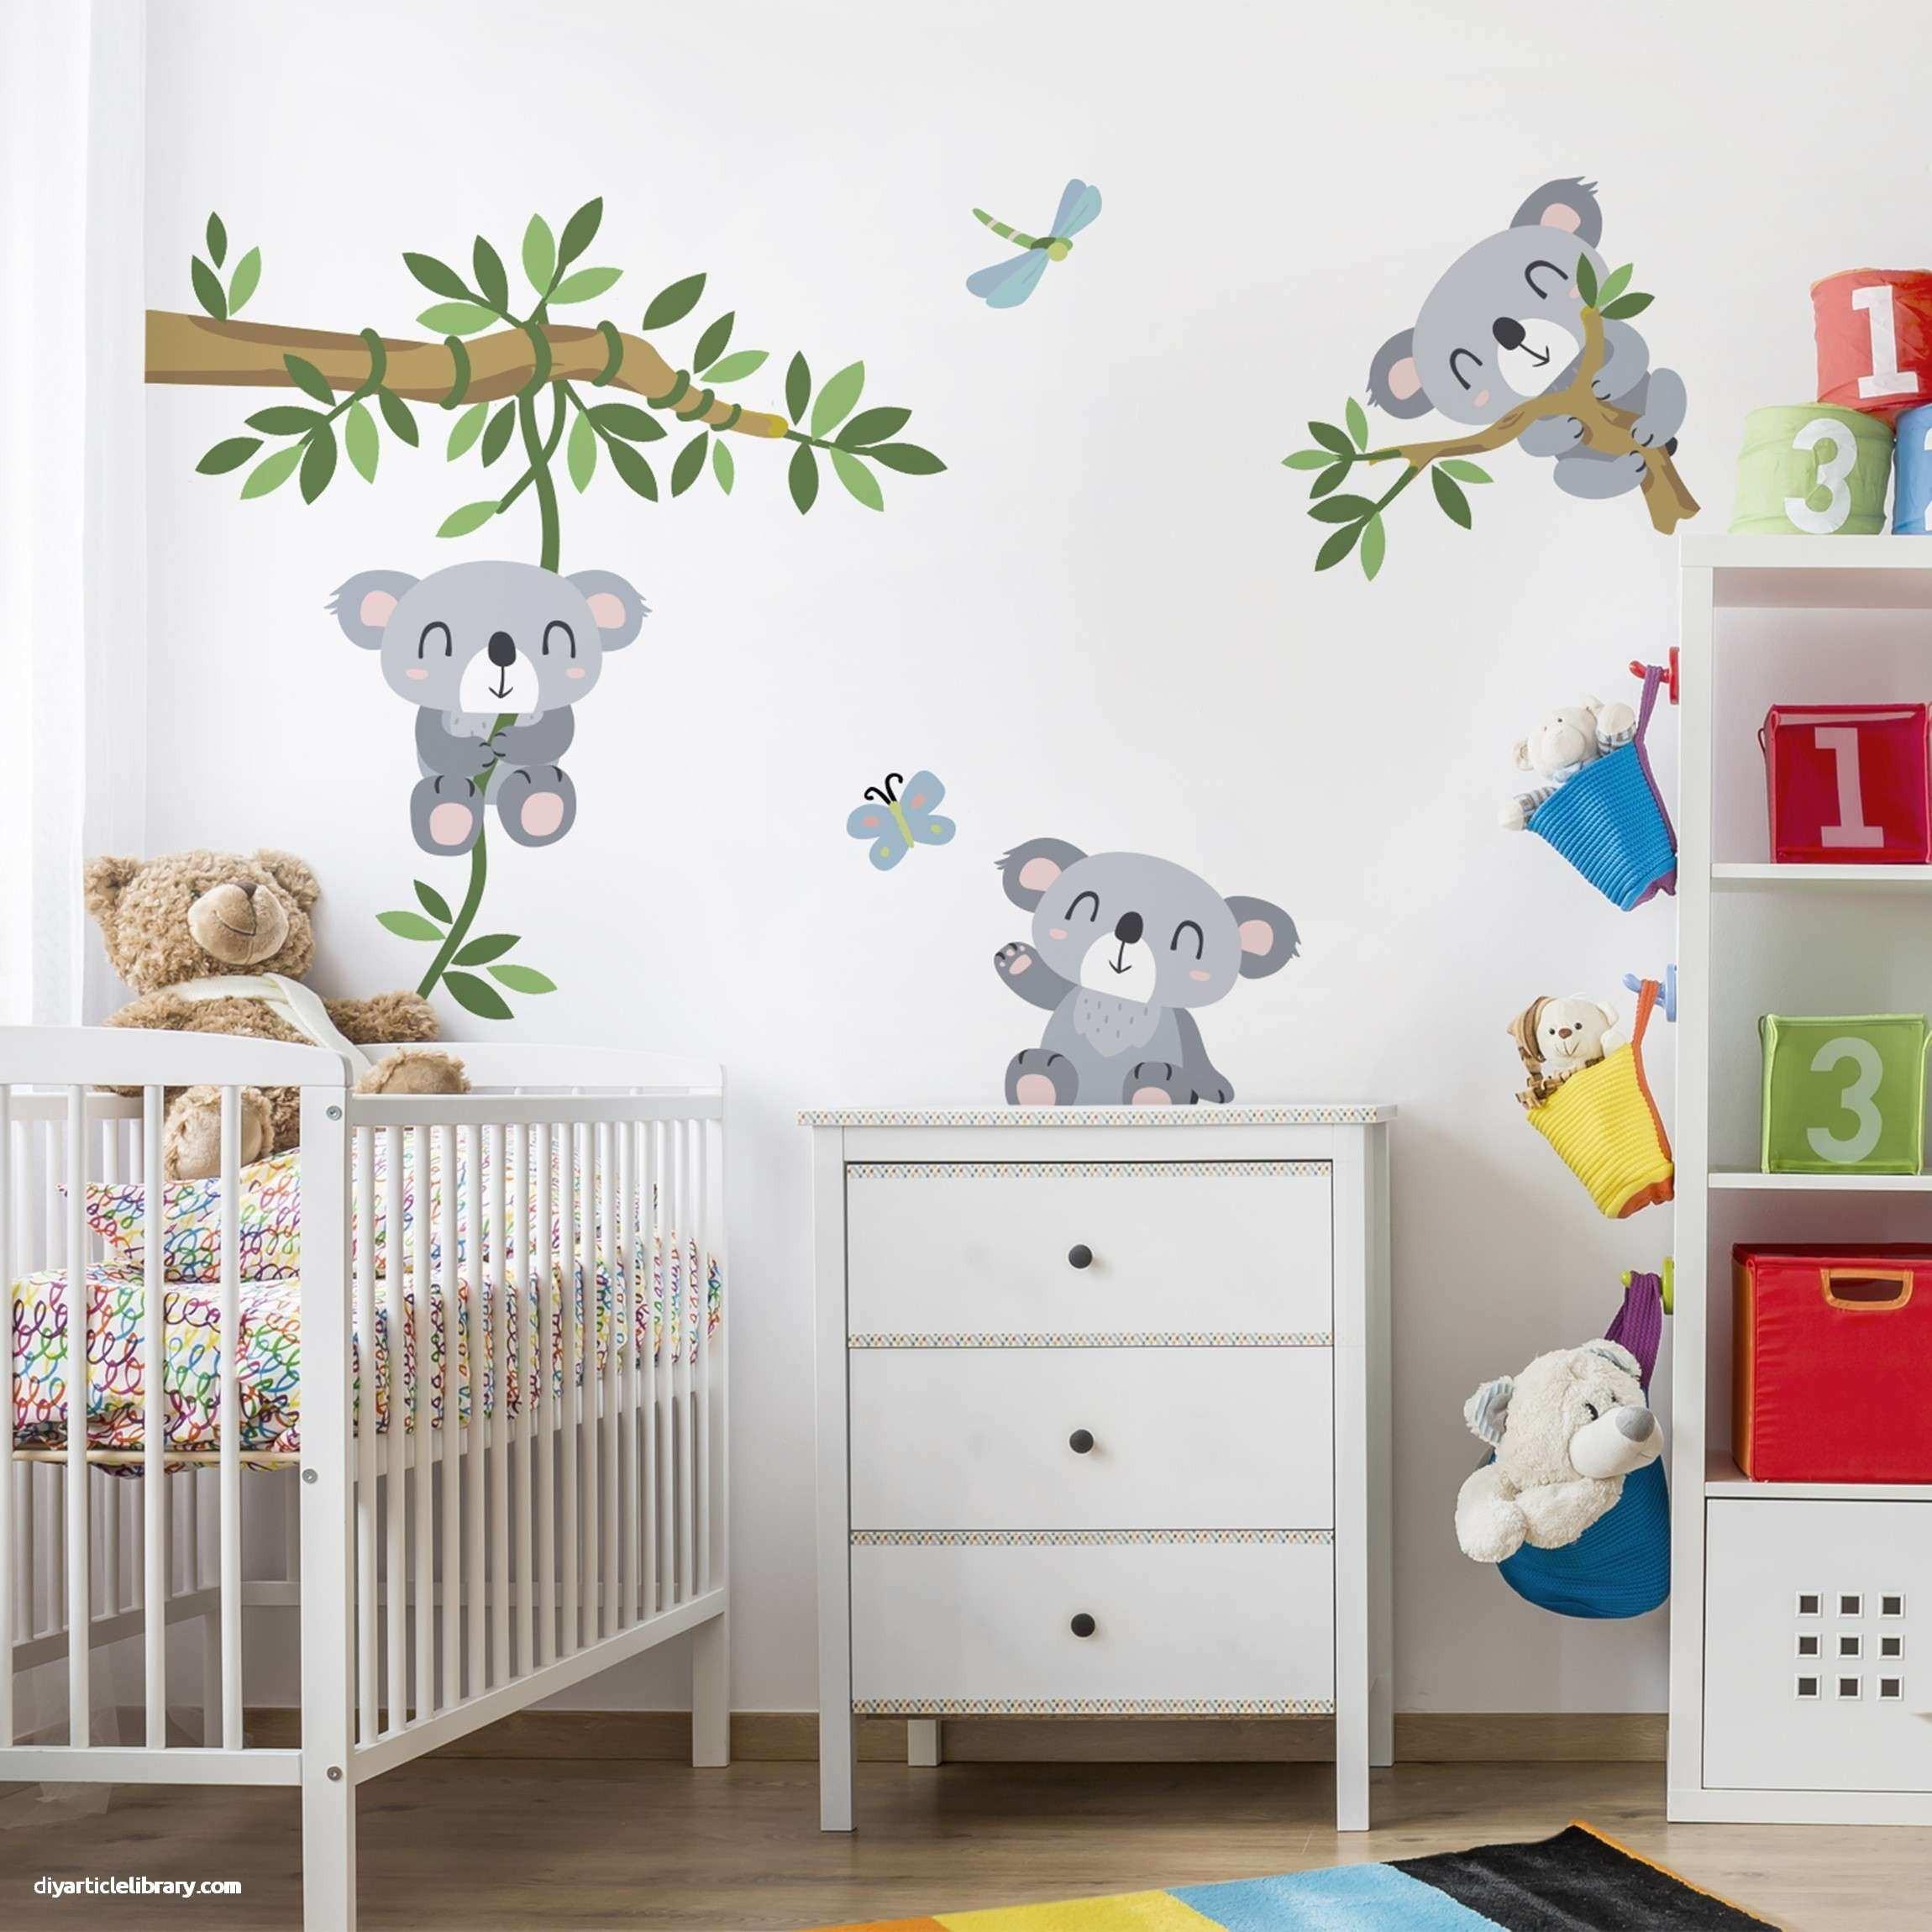 Eulen Zum Ausdrucken Frisch Eule Fotos Frei Beste Amazing Bilder Kinderzimmer Vs Wandsticker Galerie